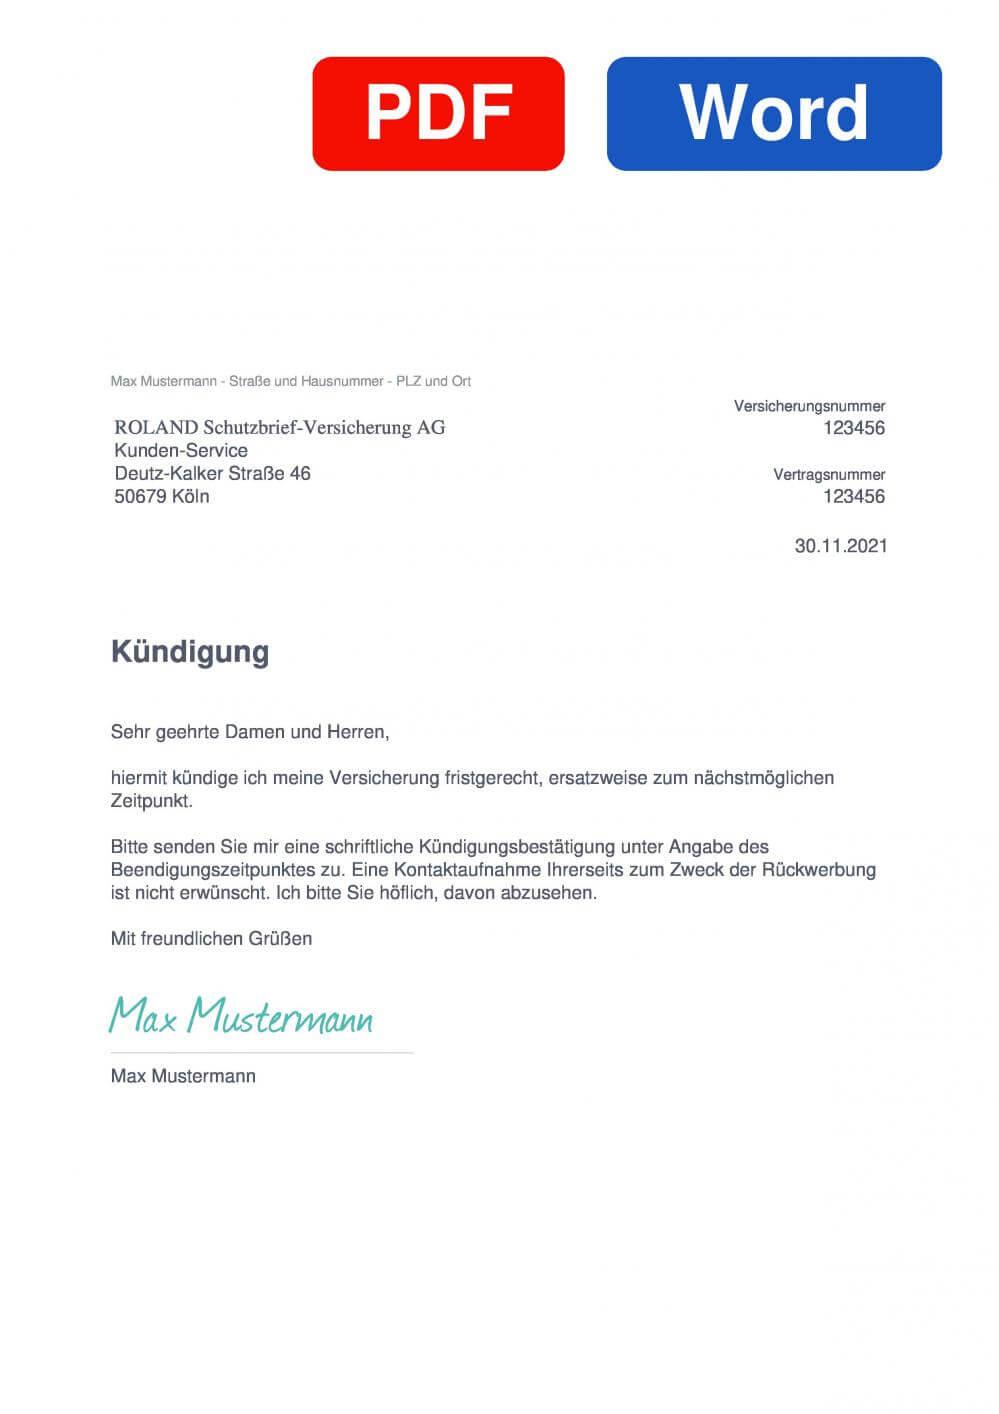 Roland Schutzbrief Muster Vorlage für Kündigungsschreiben